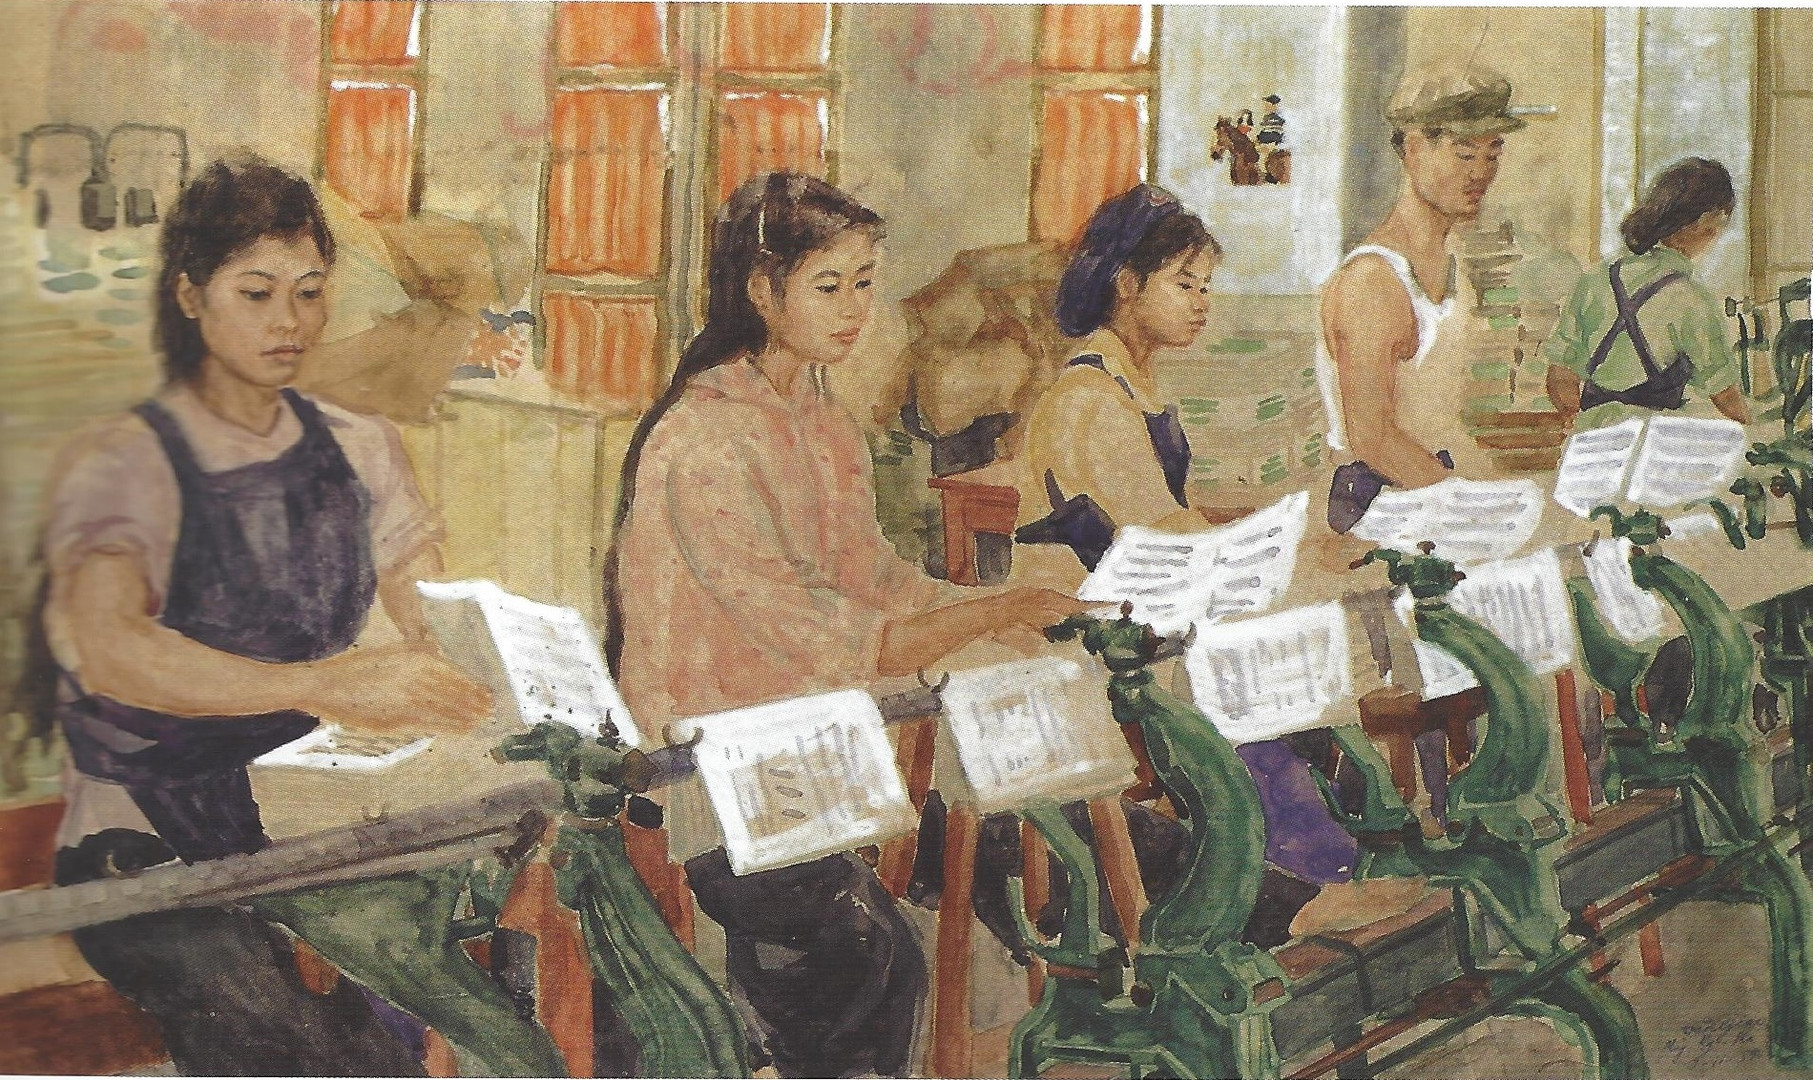 Copy_of_1959_Tiến_Bộ_Priting_House_by_Vă